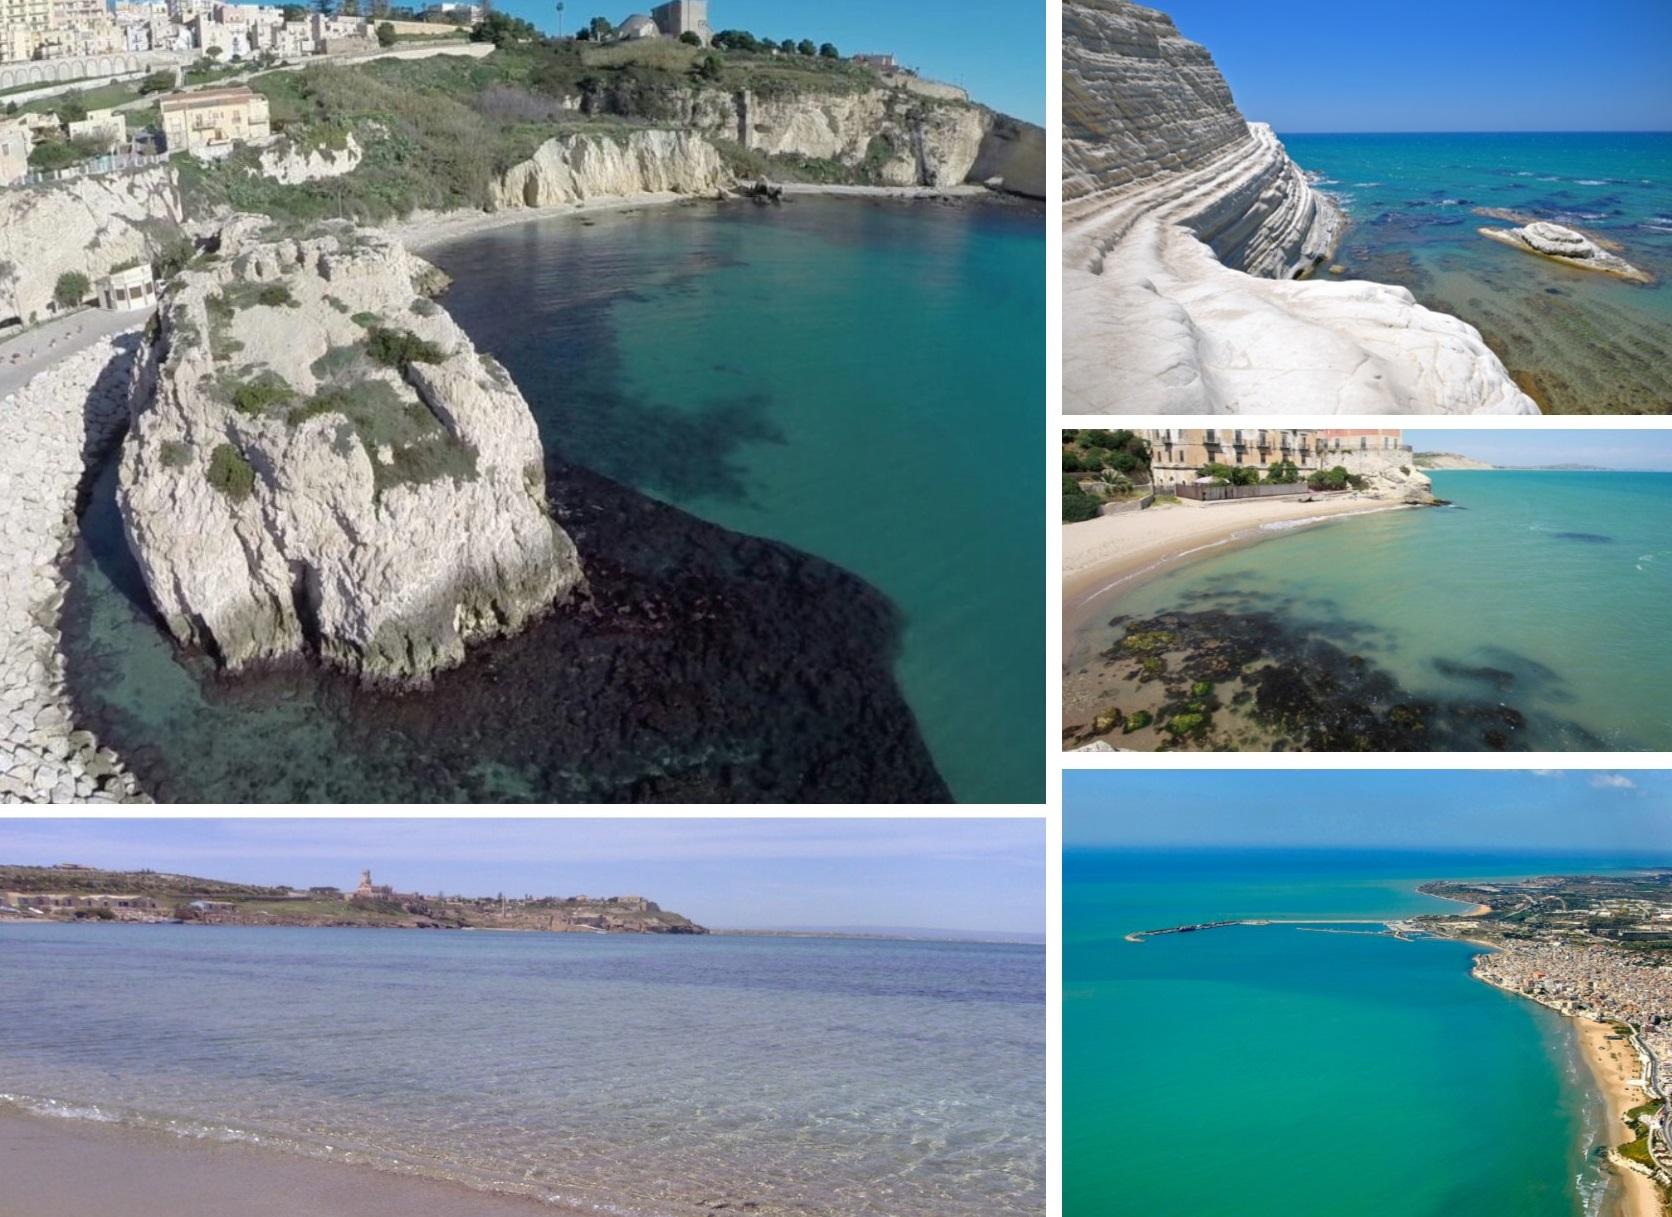 Carta di Navigare di Gerolamo Azurri #13: la costa meridionale della Sicilia, nel portolano della metà del 1500